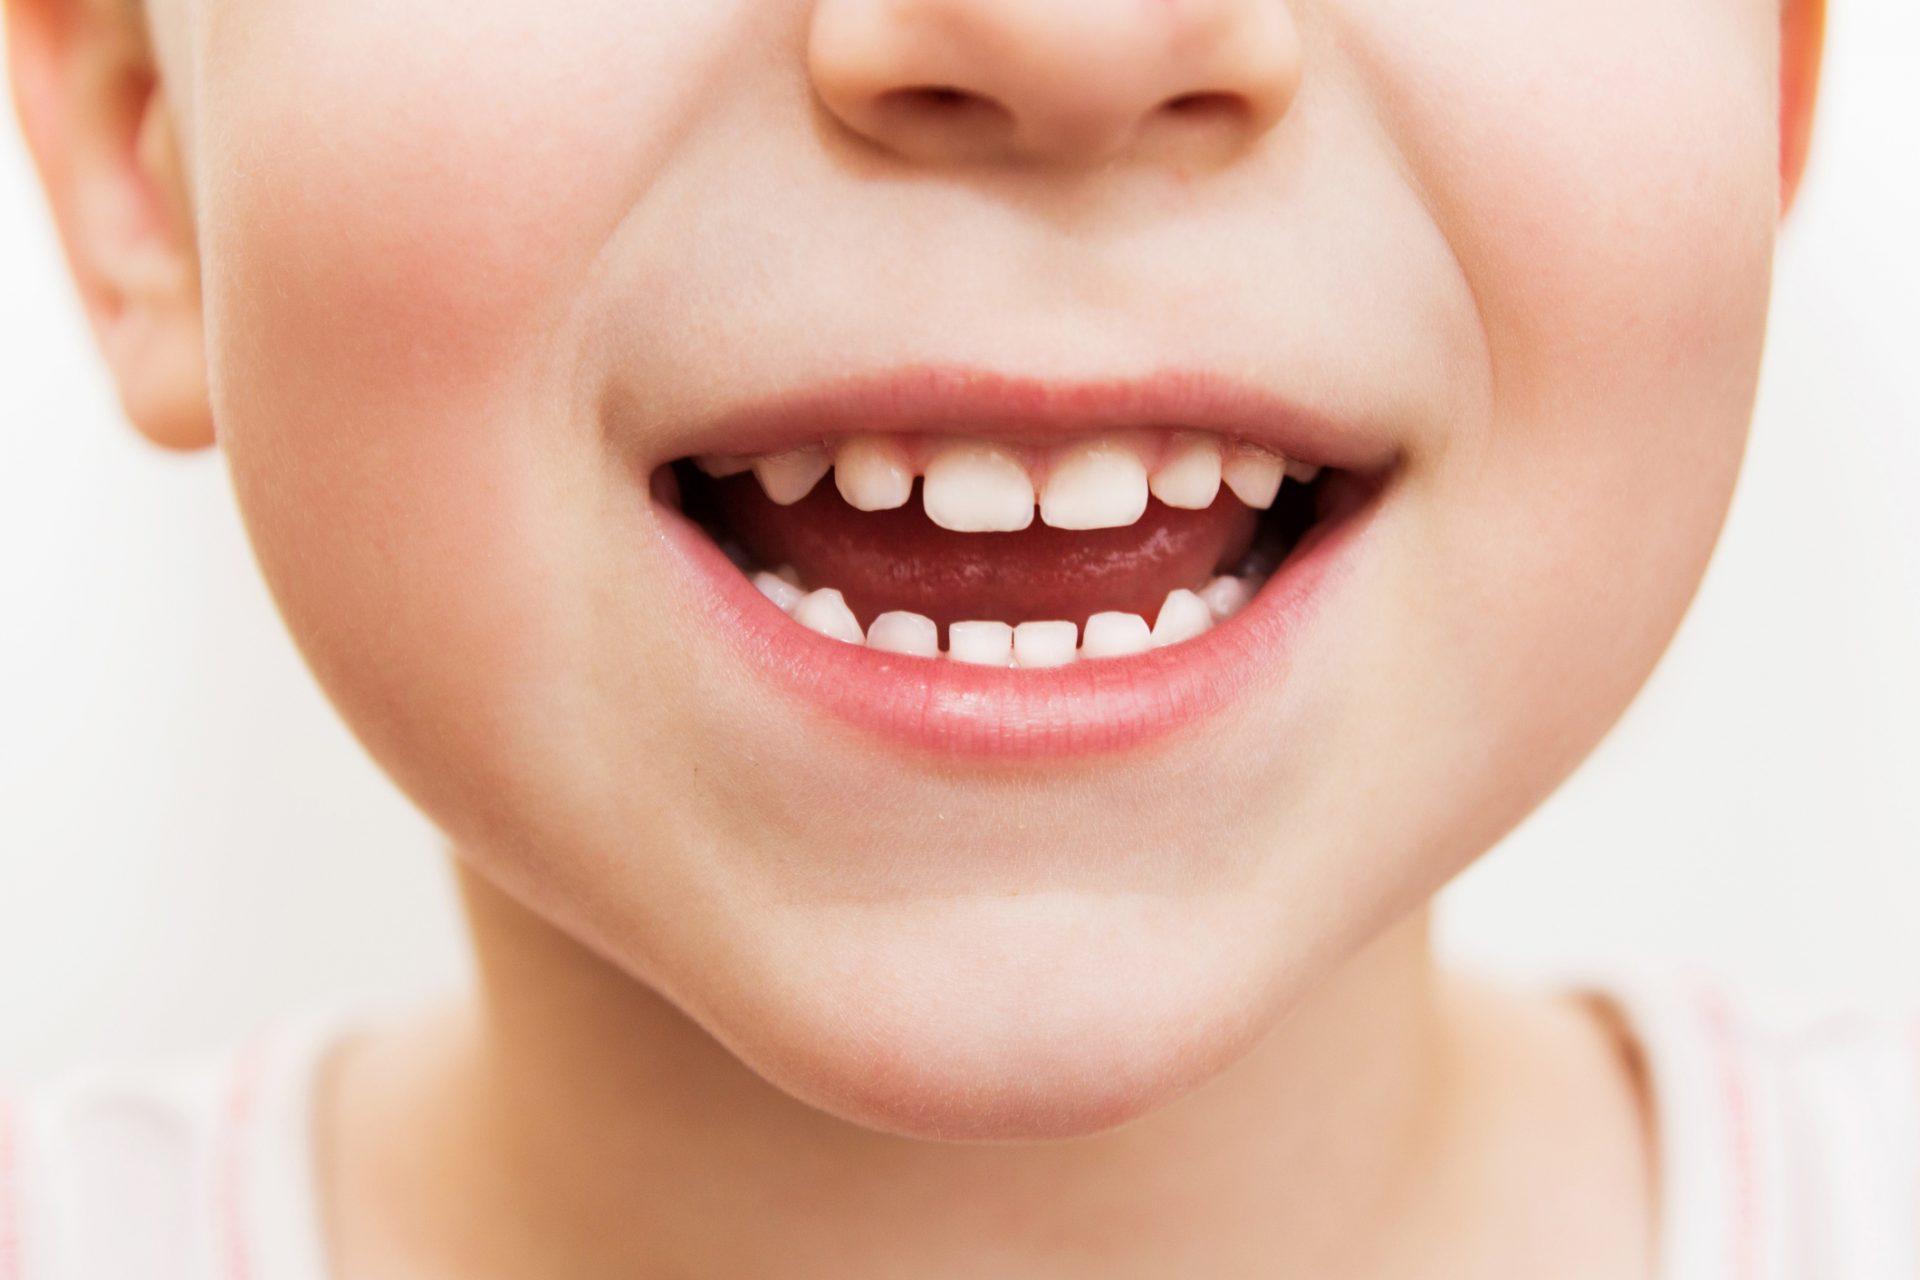 Saúde bucal: como cuidar dos dentes da criança do jeito certo?